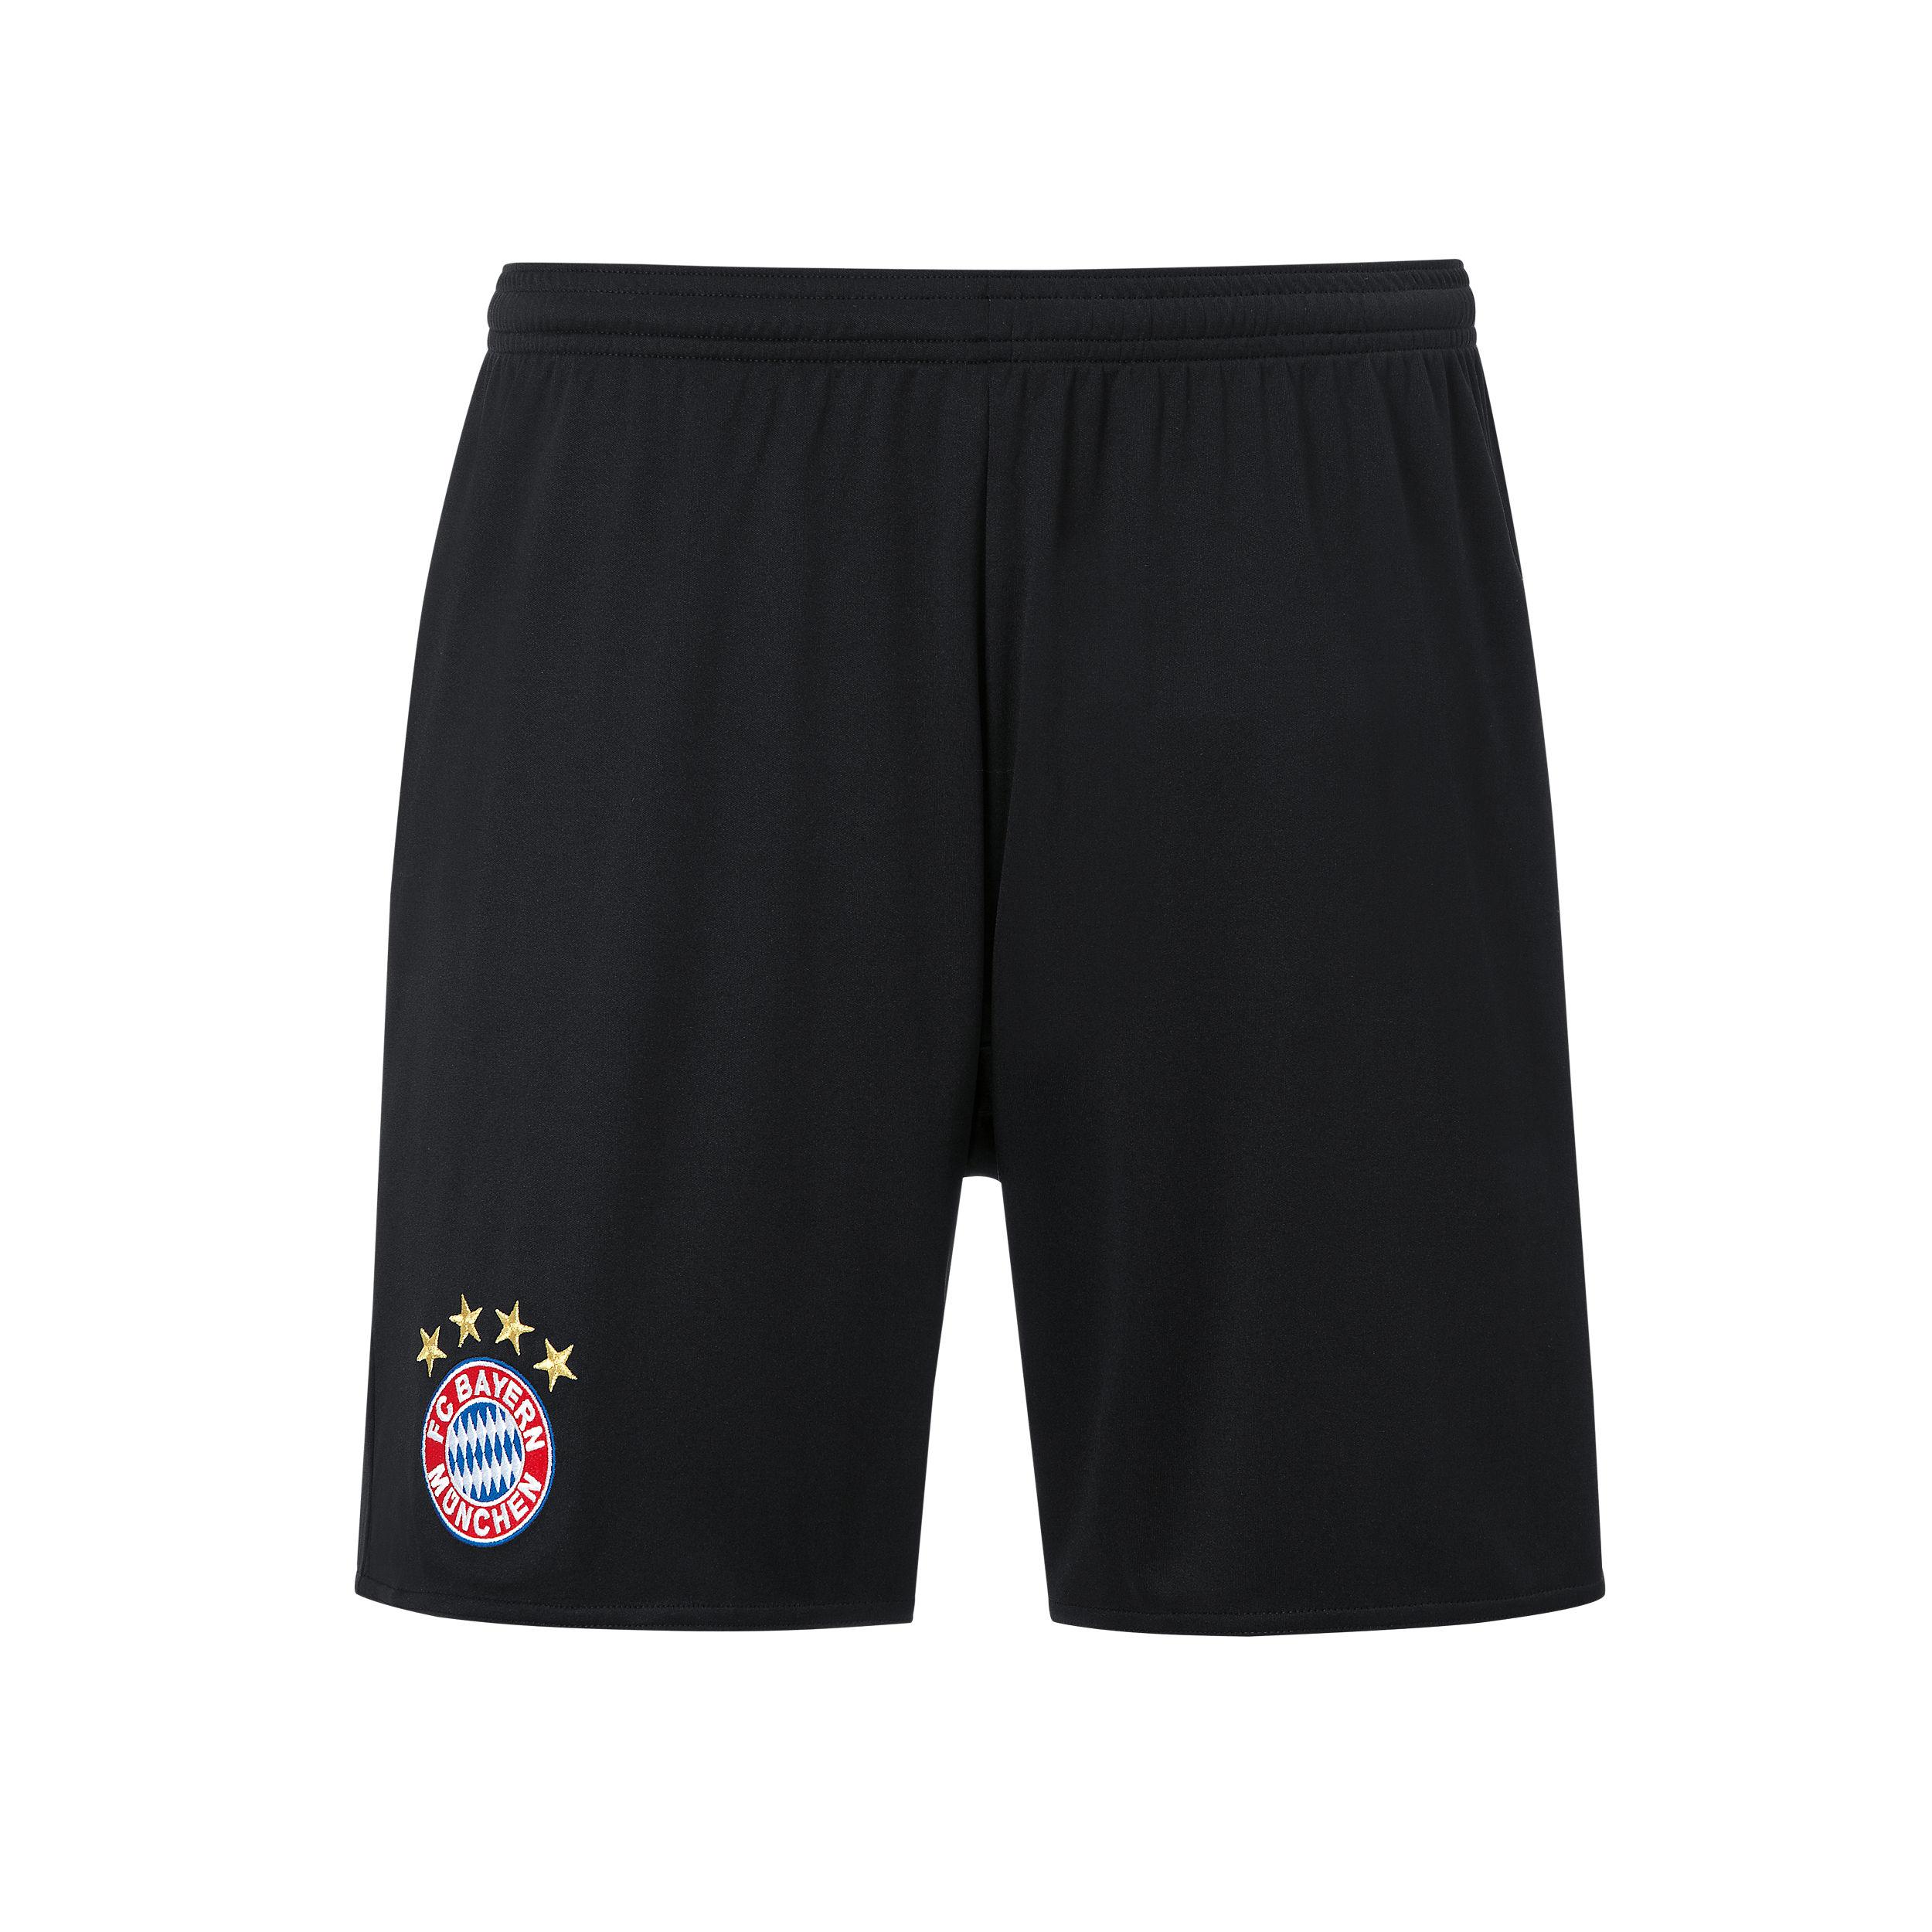 Kinder FC Bayern Short Away 2016/17